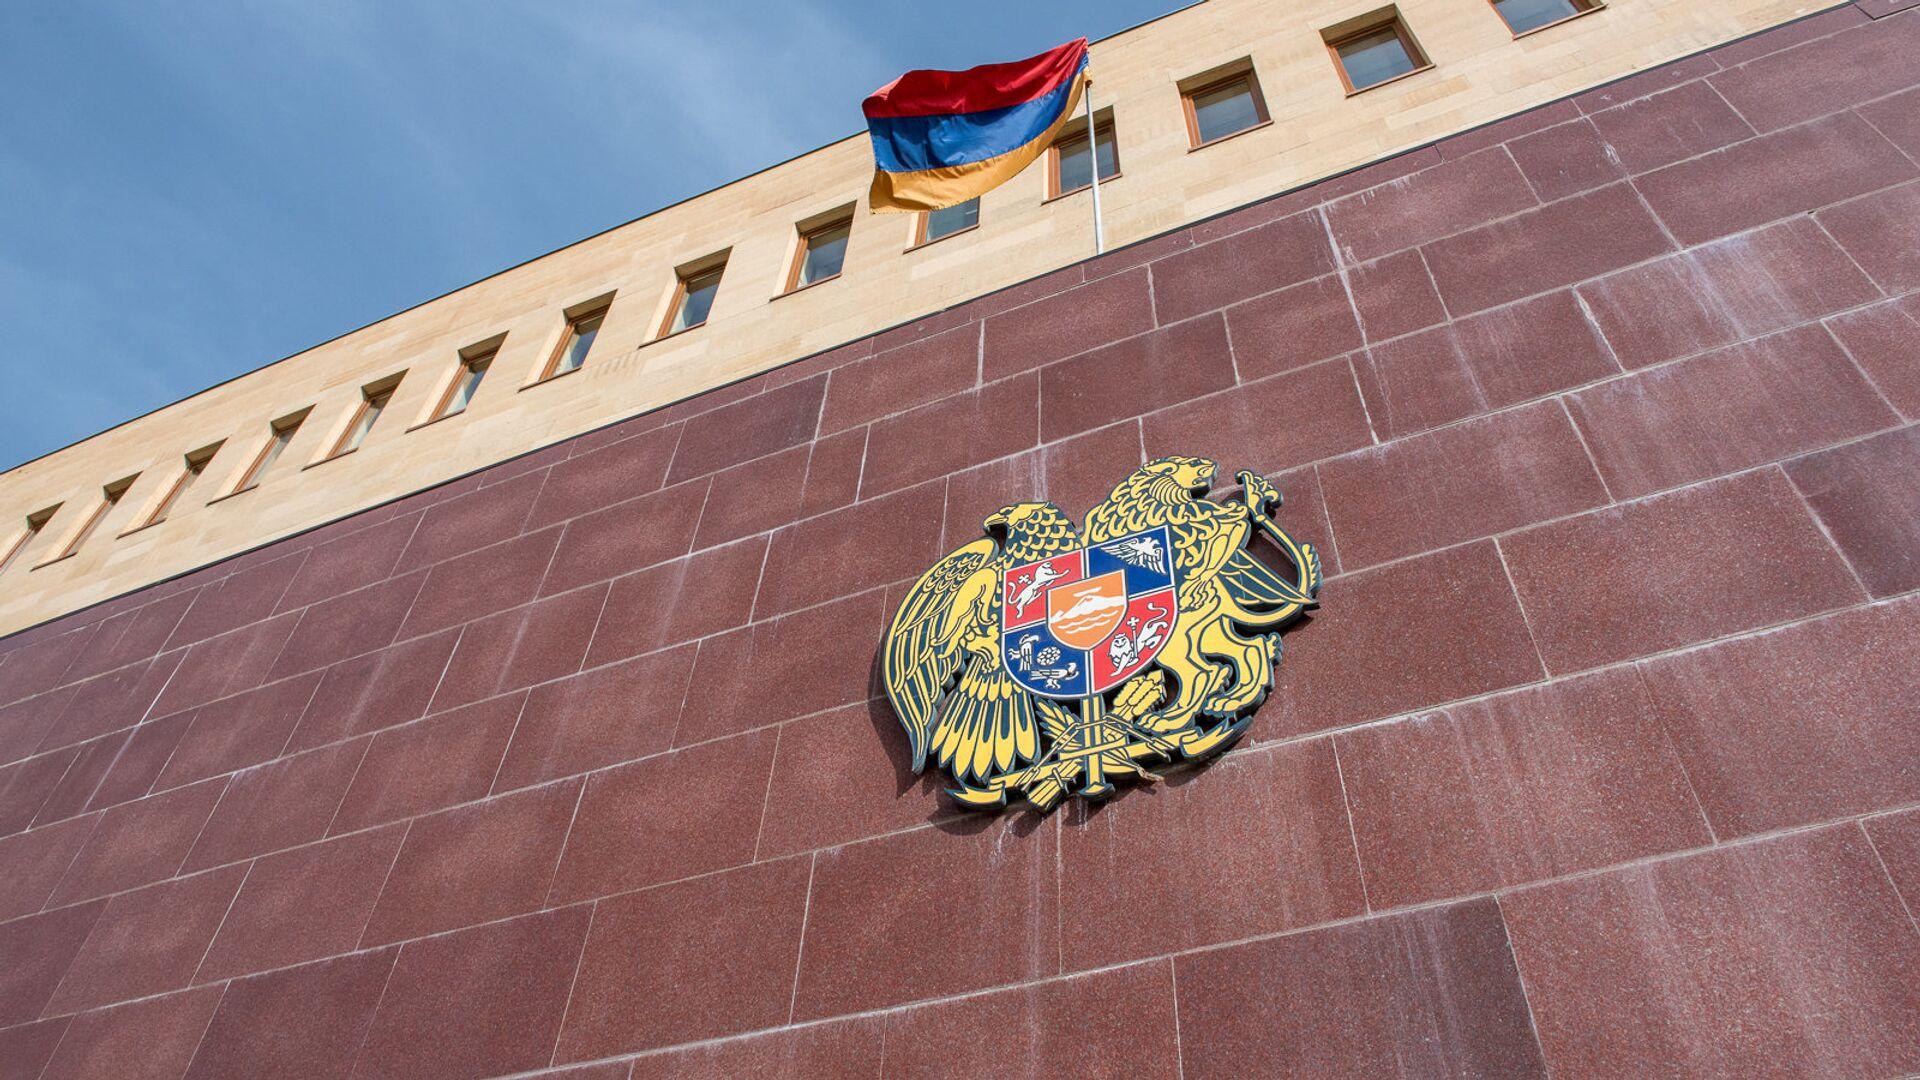 здание Министерство обороны Армении вс вооруженные силы здание - Sputnik Армения, 1920, 19.07.2021